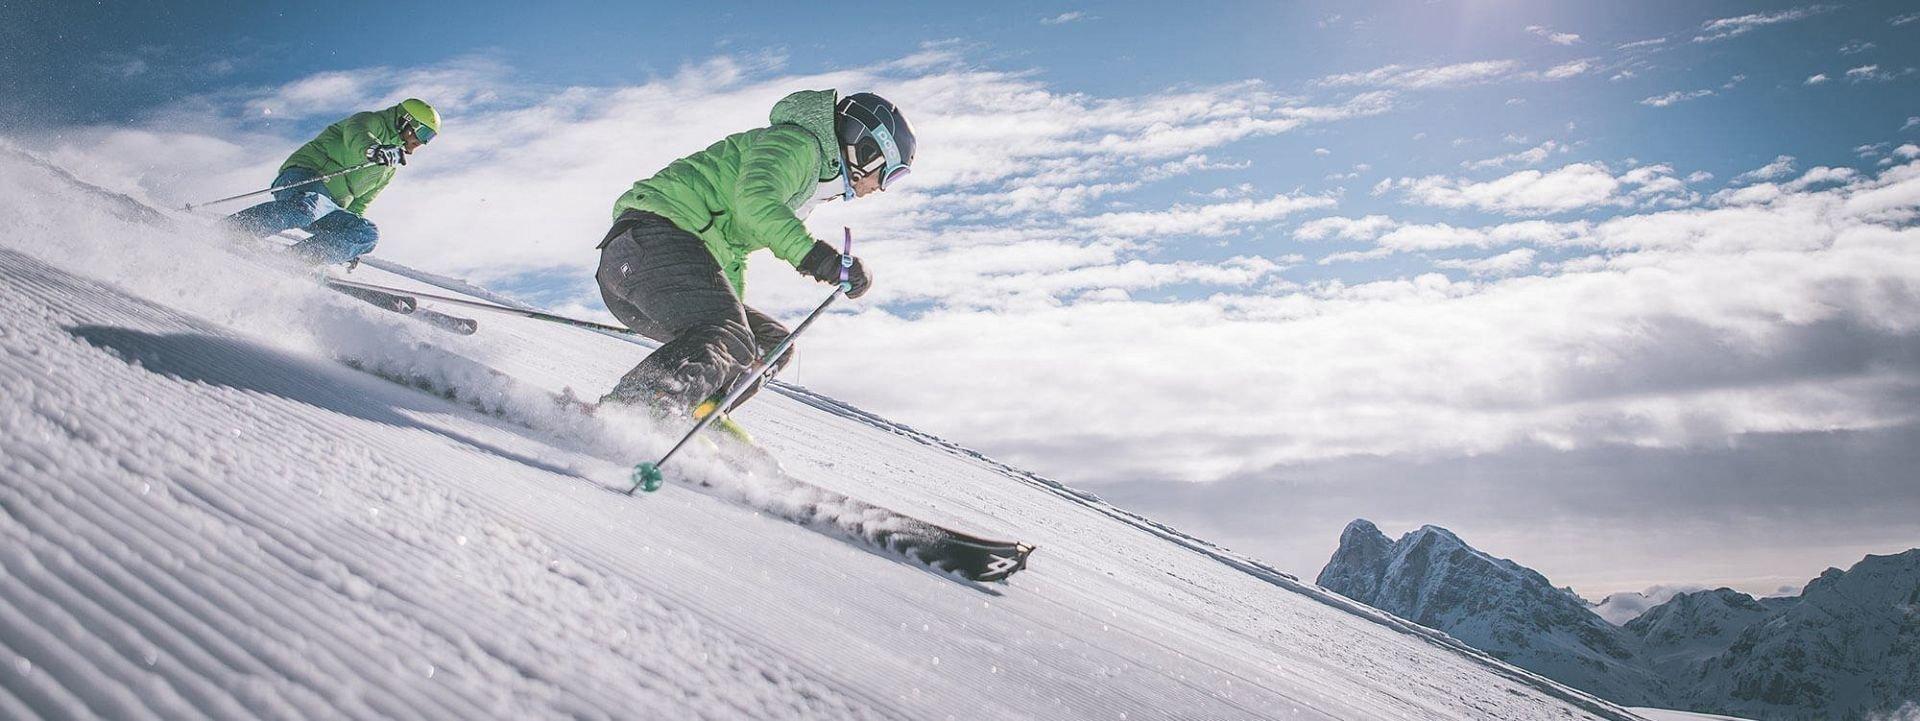 Hoferhof Bressanone | Sciare nel comprensorio sciistico della Plose, patrimonio mondiale delle Dolomiti